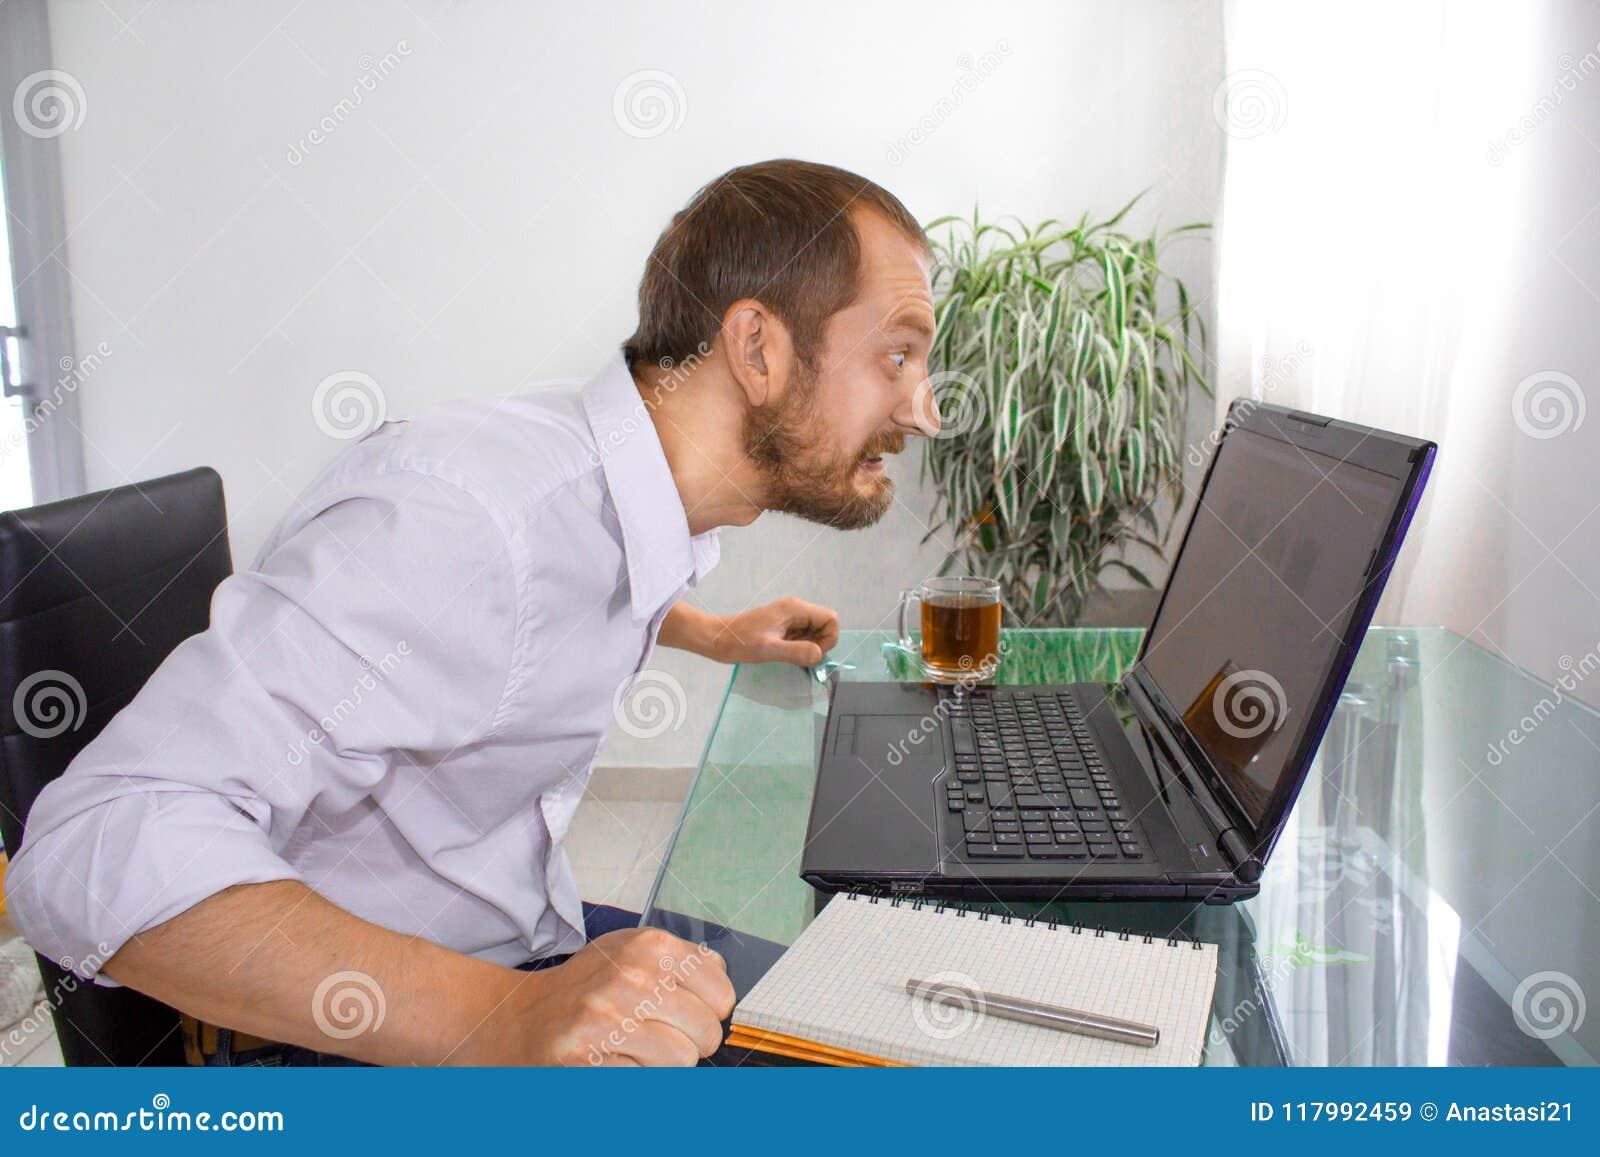 Mężczyzna przy komputerem jest gniewny